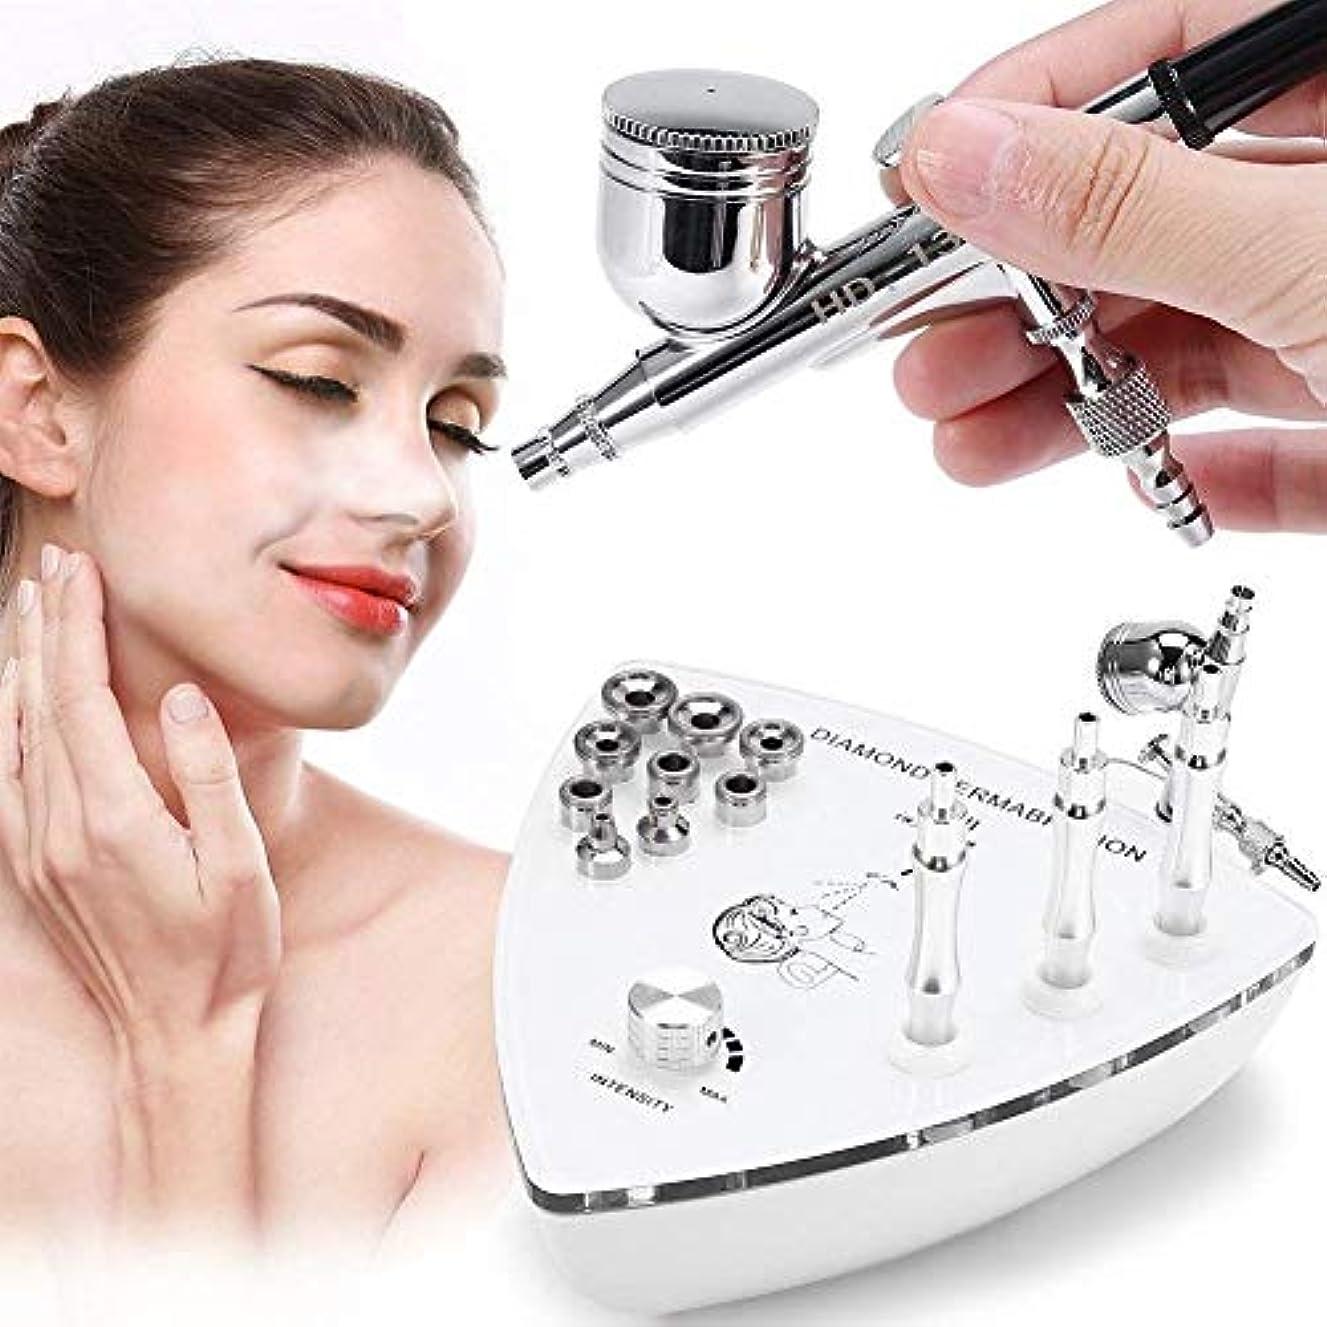 タワー追放シーン専門のダイヤモンドのMicrodermabrasion Dermabrasion機械、顔の心配の皮装置水スプレーのしわの取り外しの皮のきつく締まる剥離のための家の使用のための装置